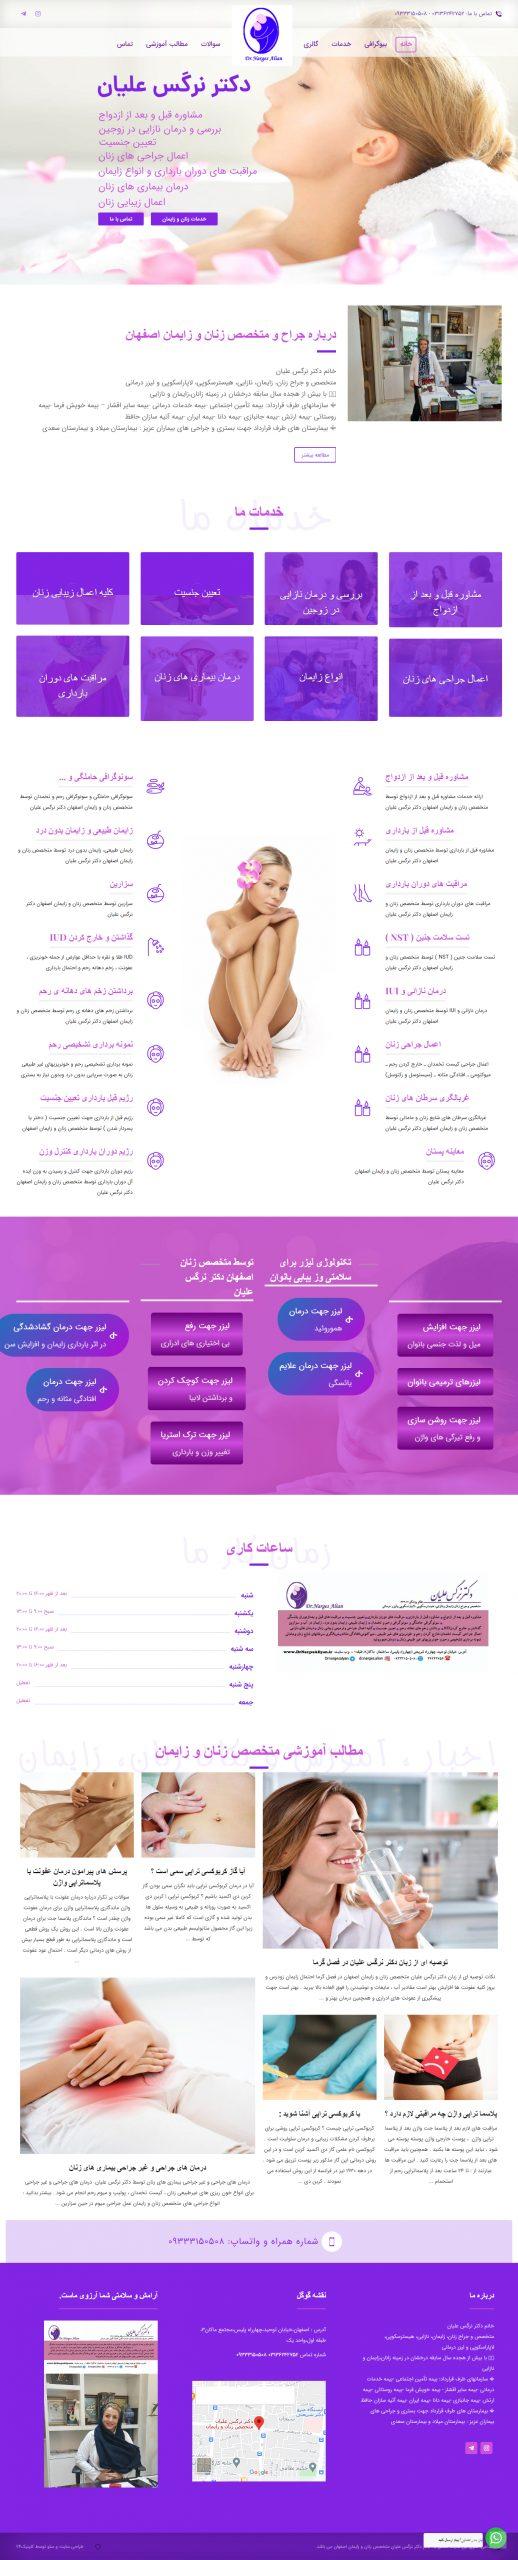 طراحی سایت بهترین متخصص زنان و زایمان اصفهان دکتر نرگس علیان توسط کلینیک24